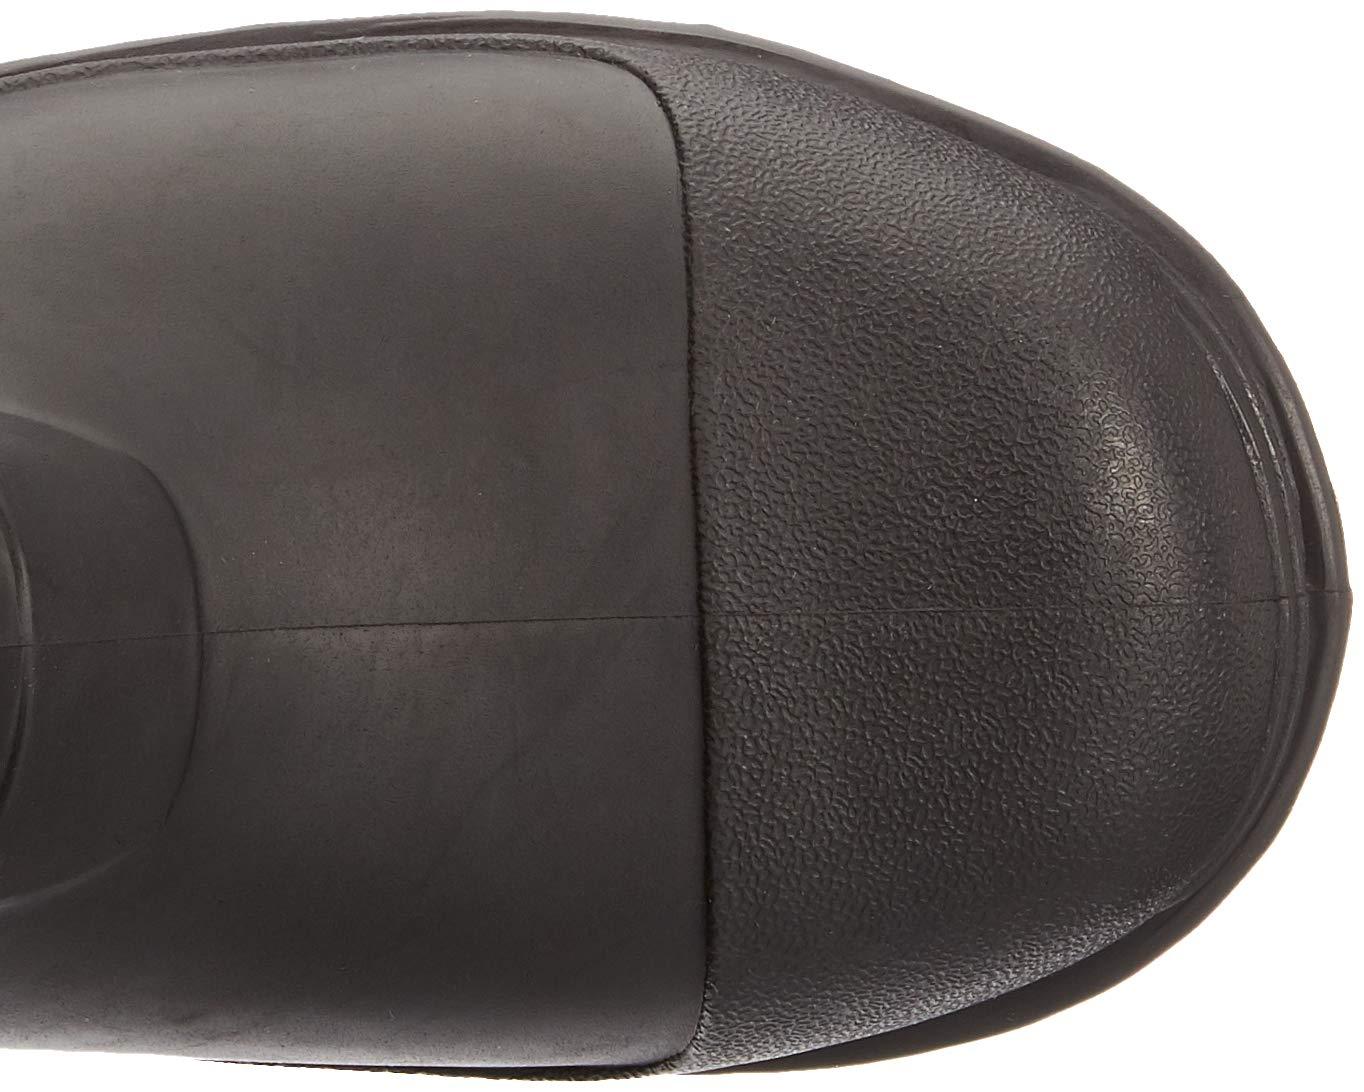 Unisex 3 UK Nero Adulto 36 EU Portwest FW94 Stivale Classic Wellington S4 Stivali di sicurezza in gomma SRC Nero Bkgr